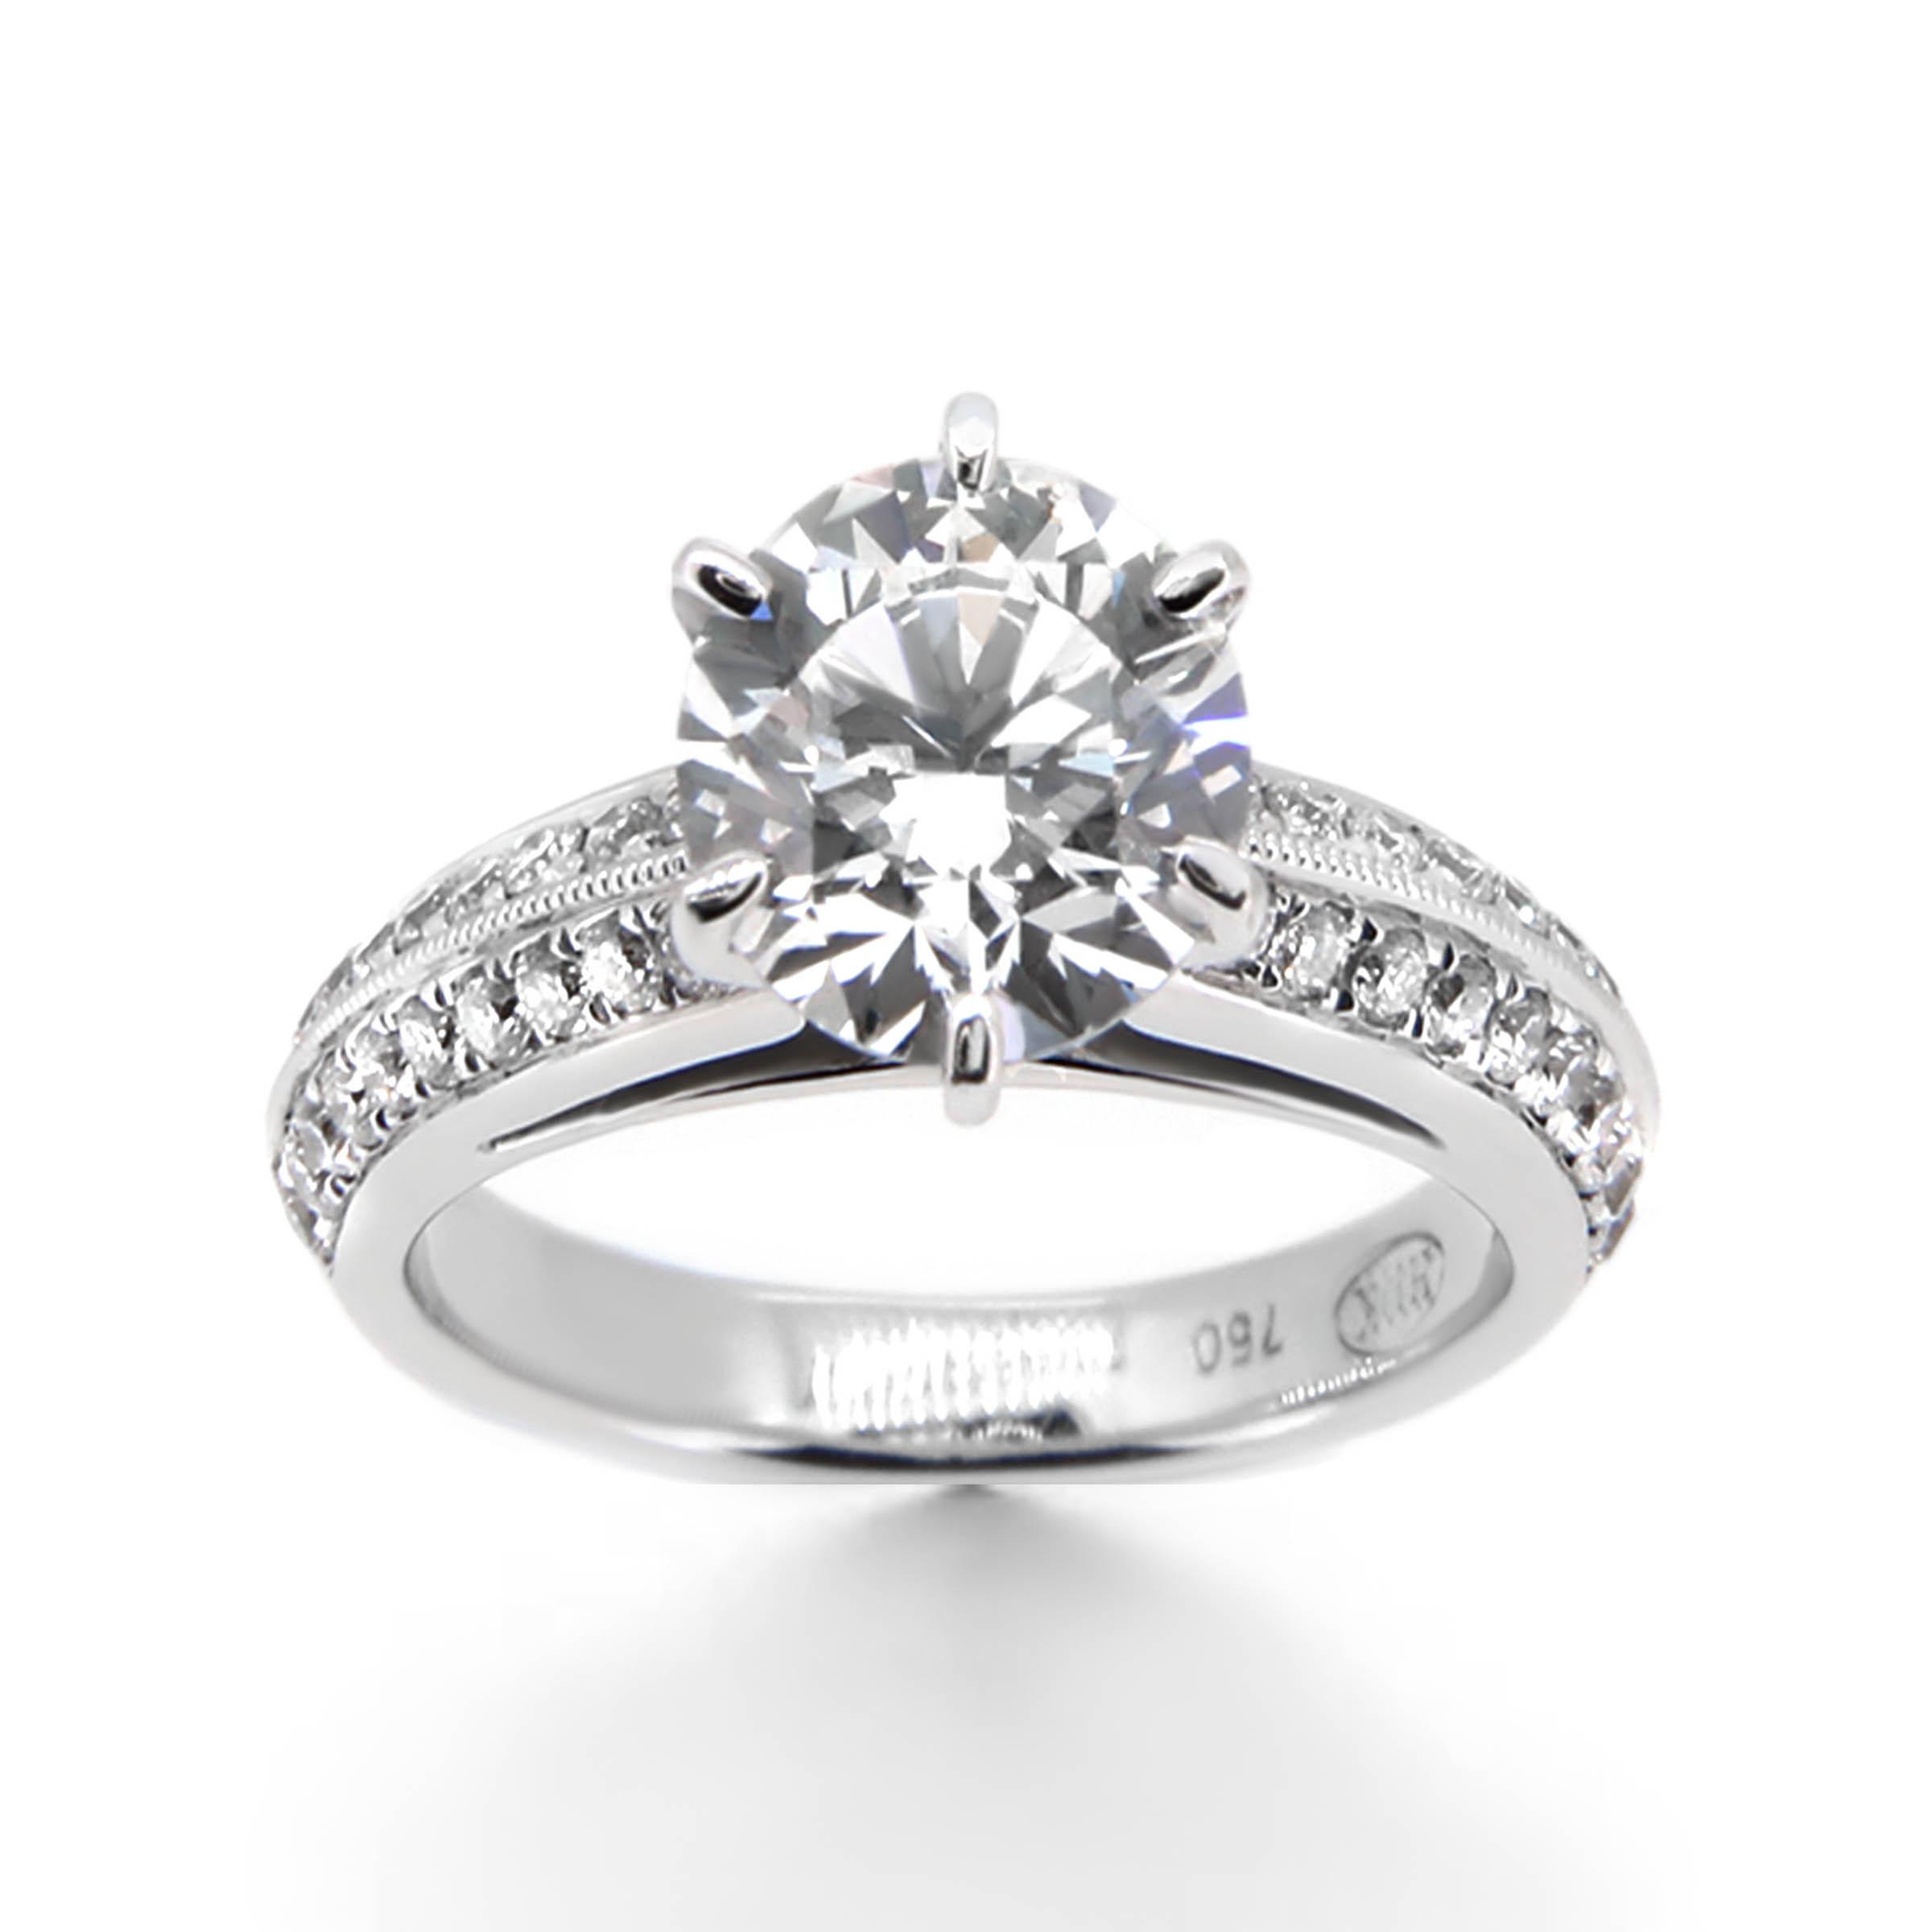 Six Prong Diamond Engagement Ring - Haywards of Hong Kong